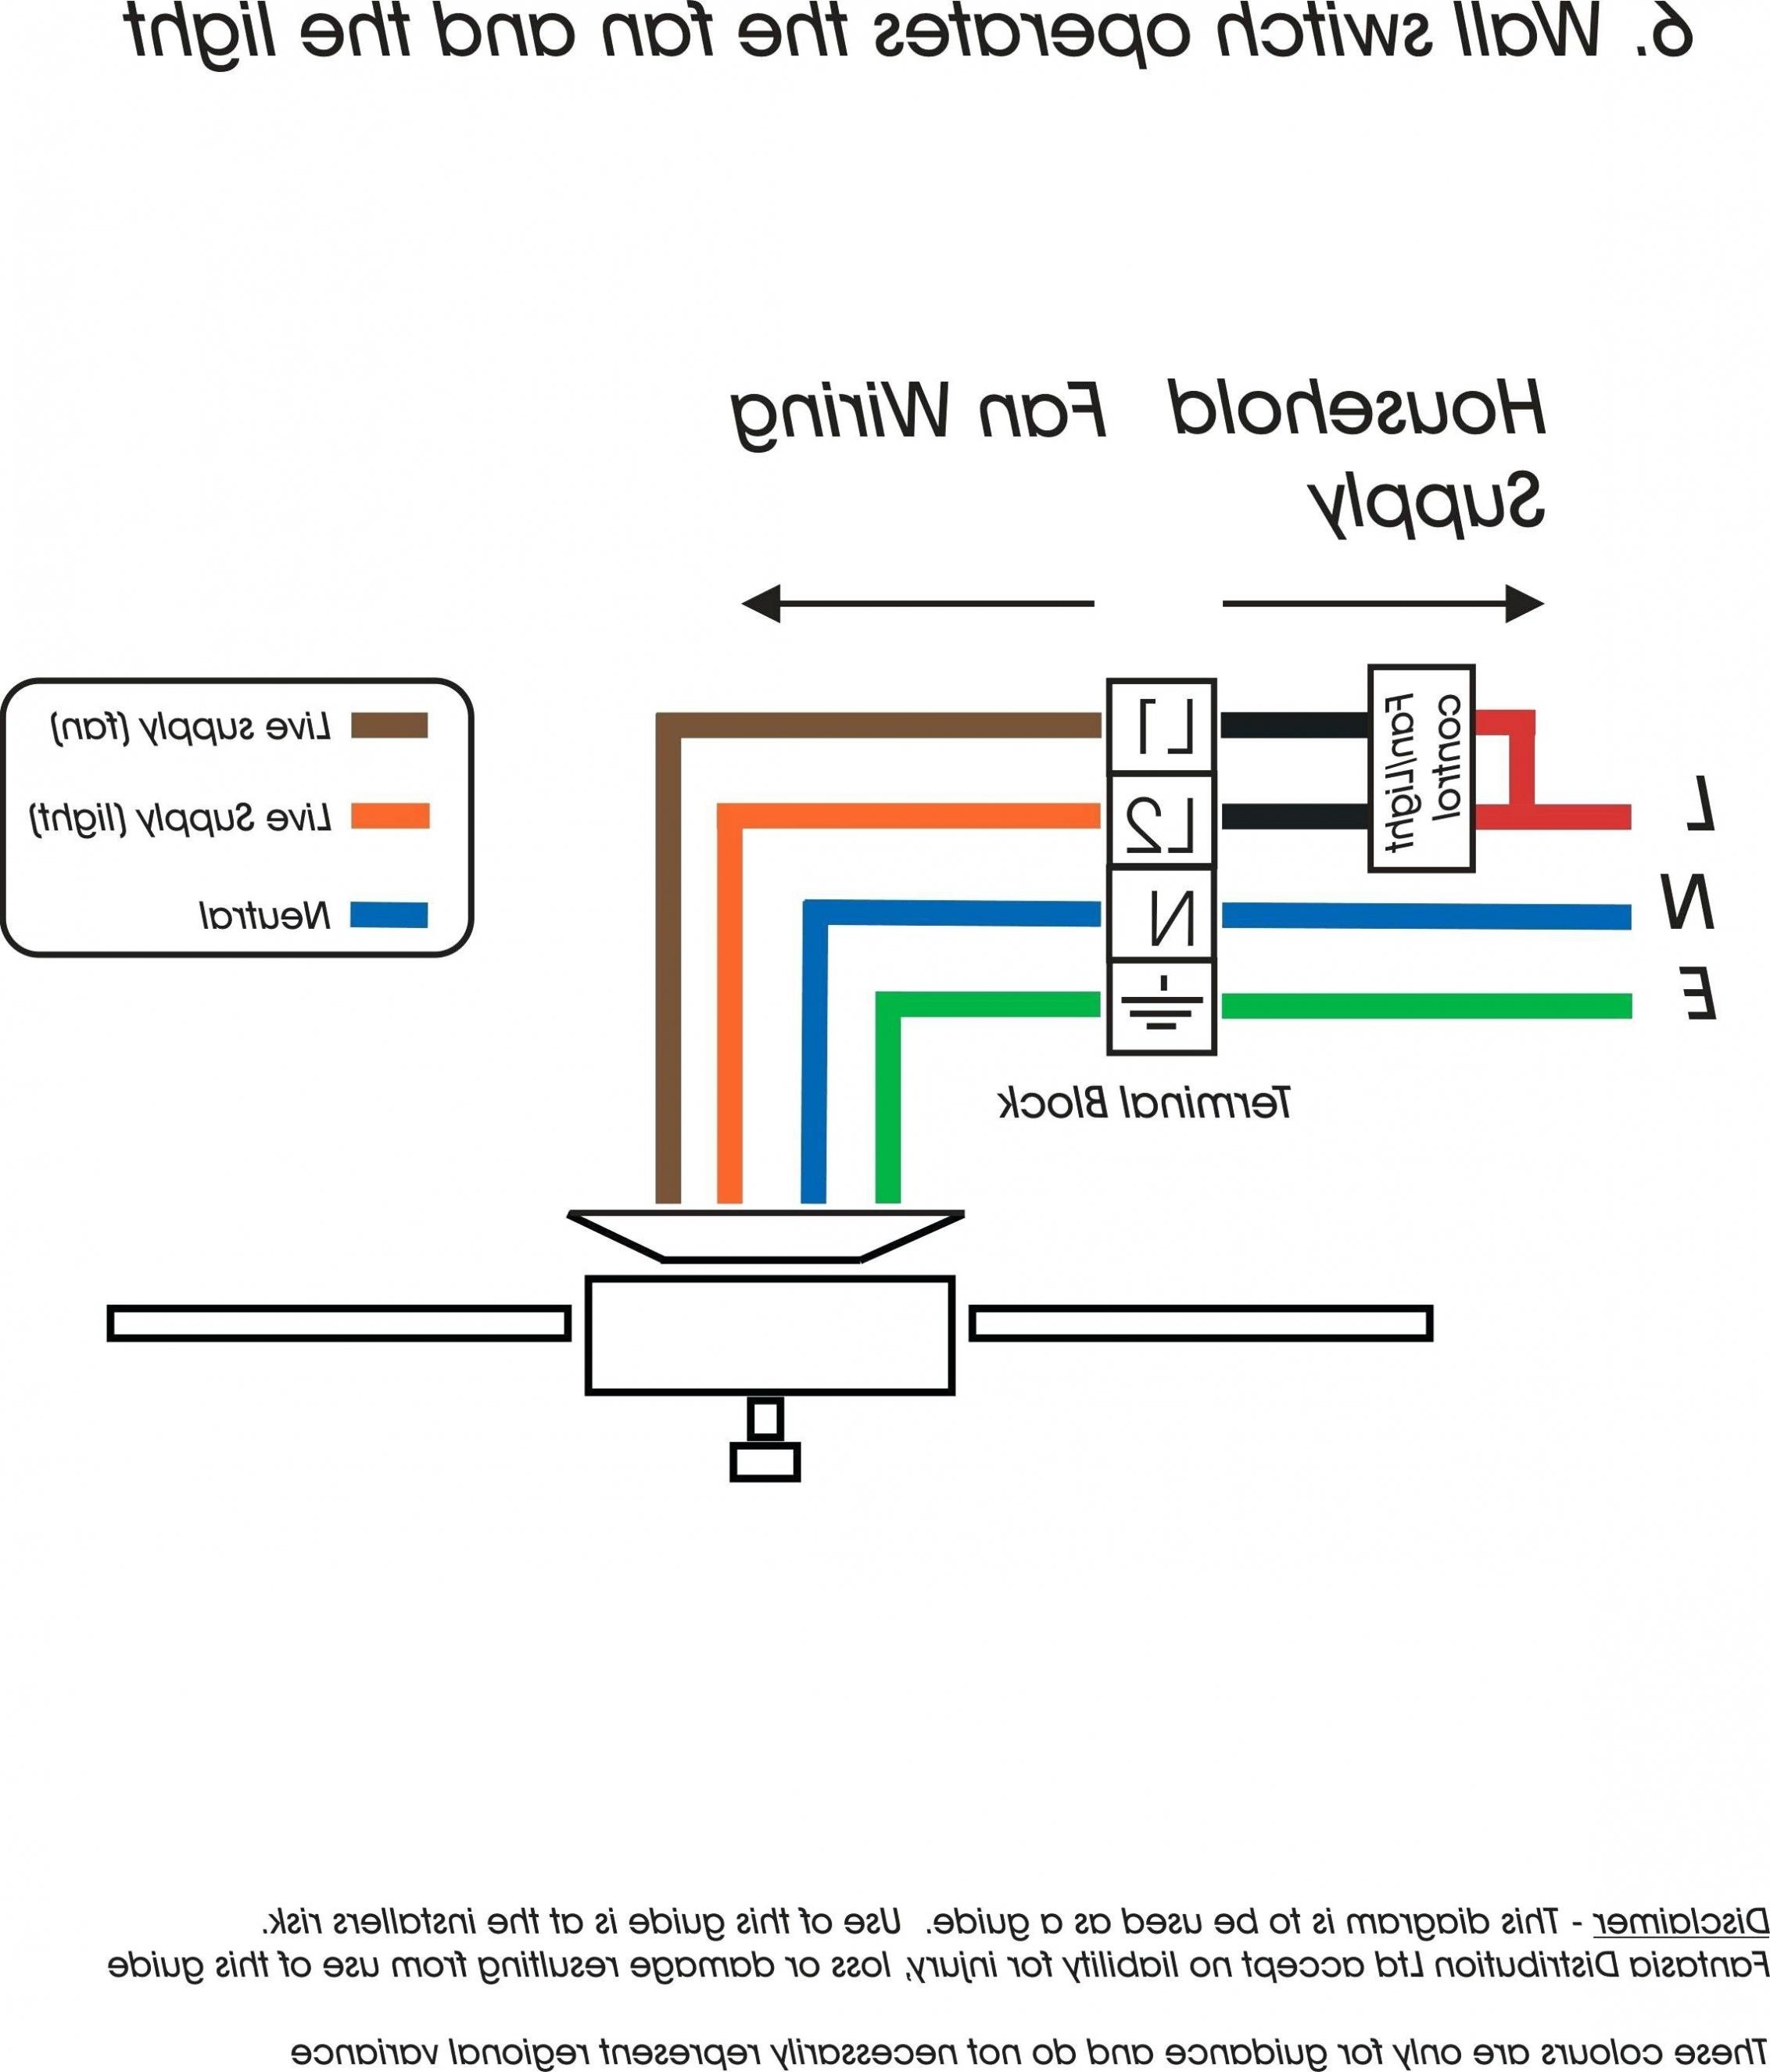 50 Amp Plug Wiring Diagram — Daytonva150 - 50 Amp Plug Wiring Diagram